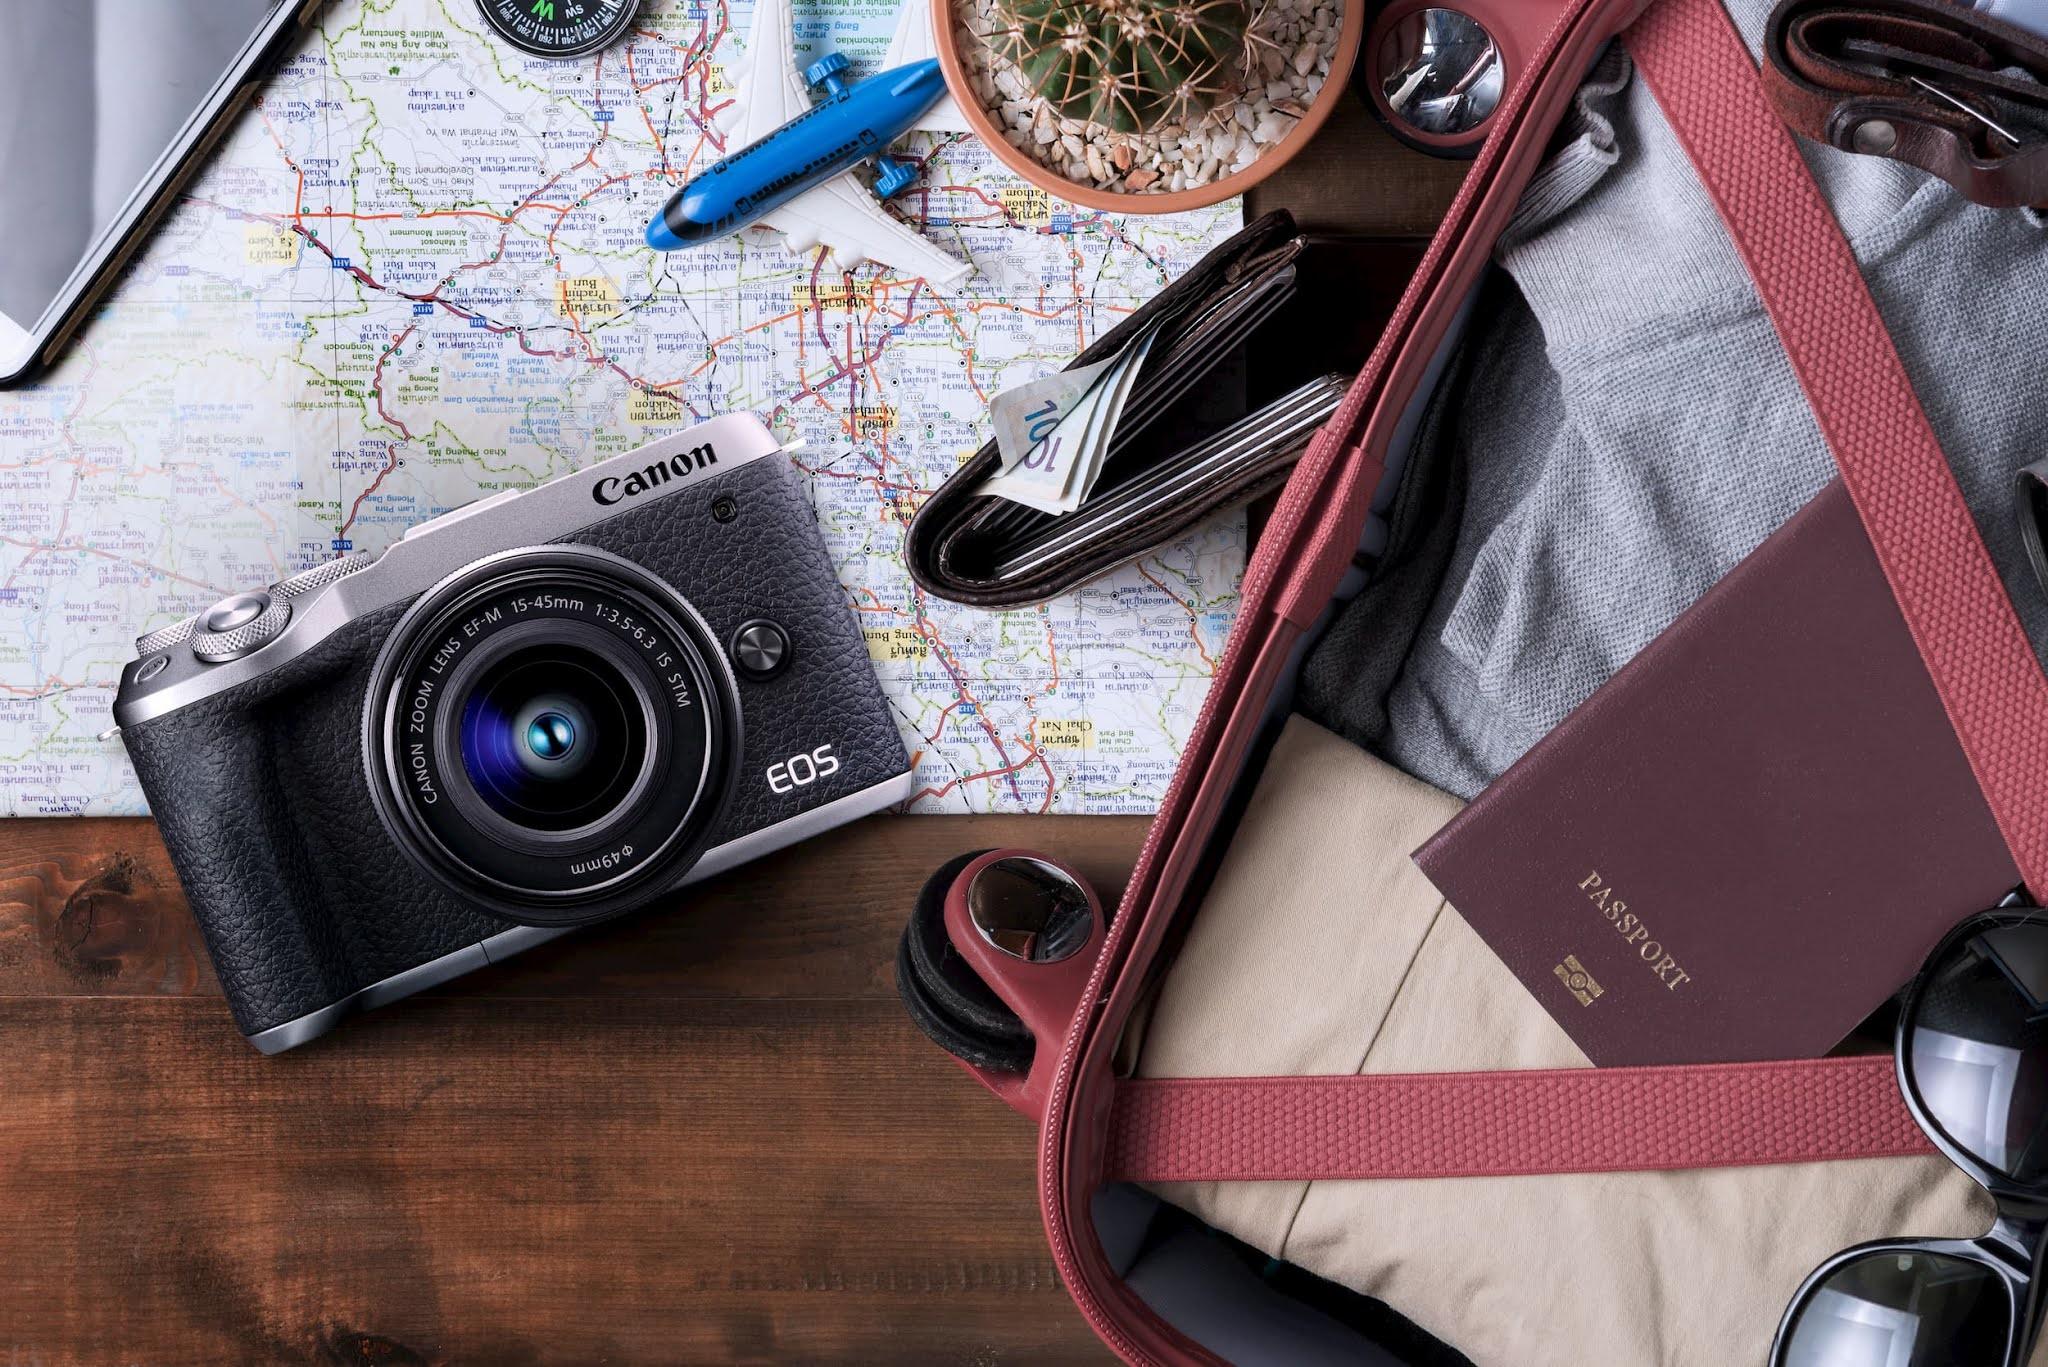 購買輕巧旅遊必備 EOS M6 Mark II 鏡組,即贈郵政禮券三千元。